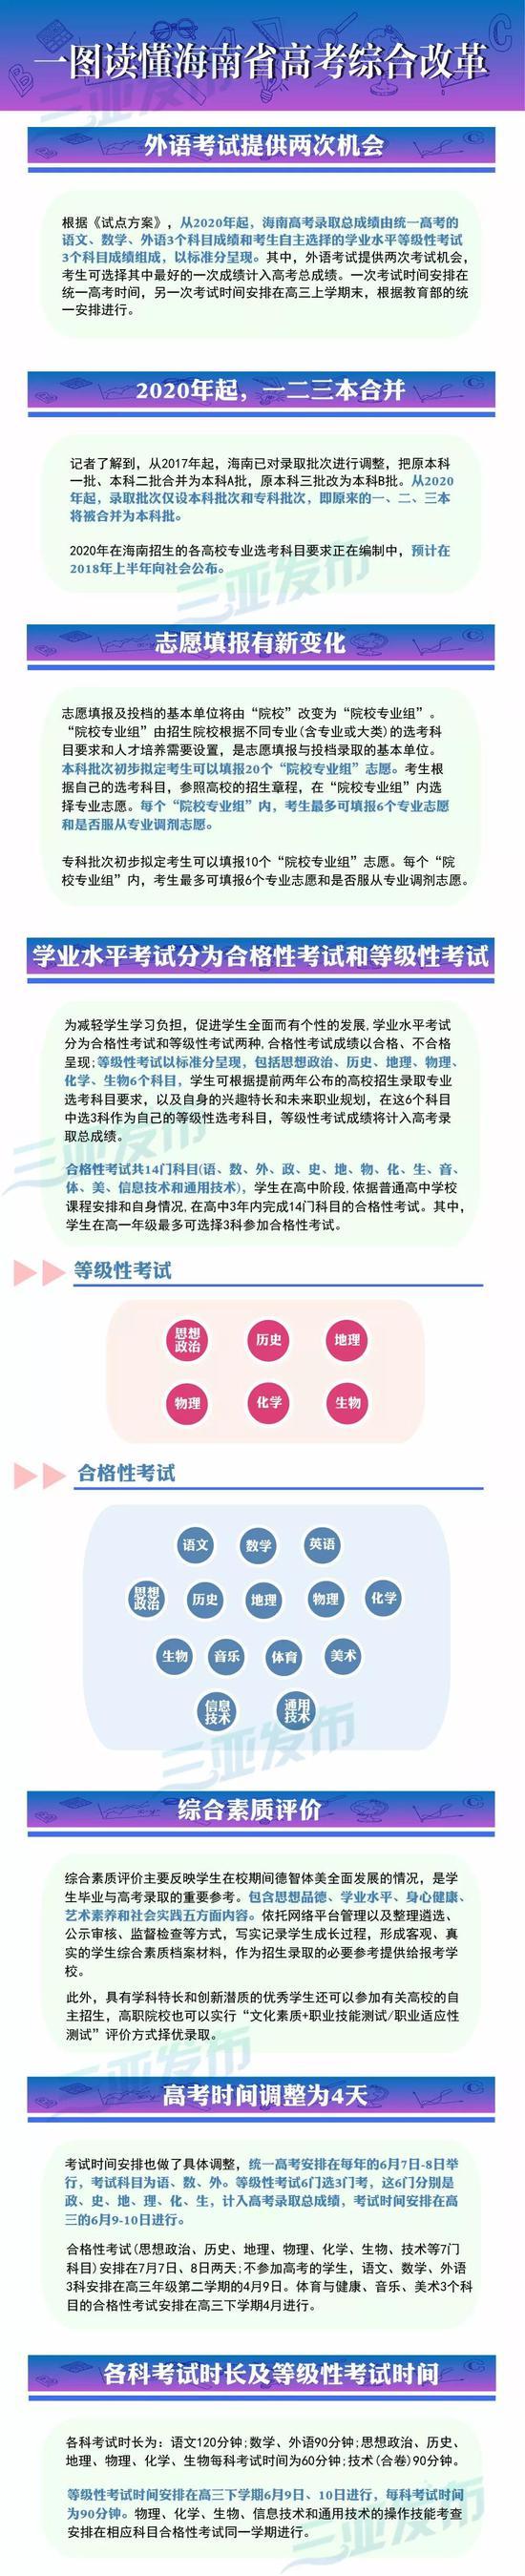 海南省高考综合改革:高考时间调为4天(图)不差钱演员表